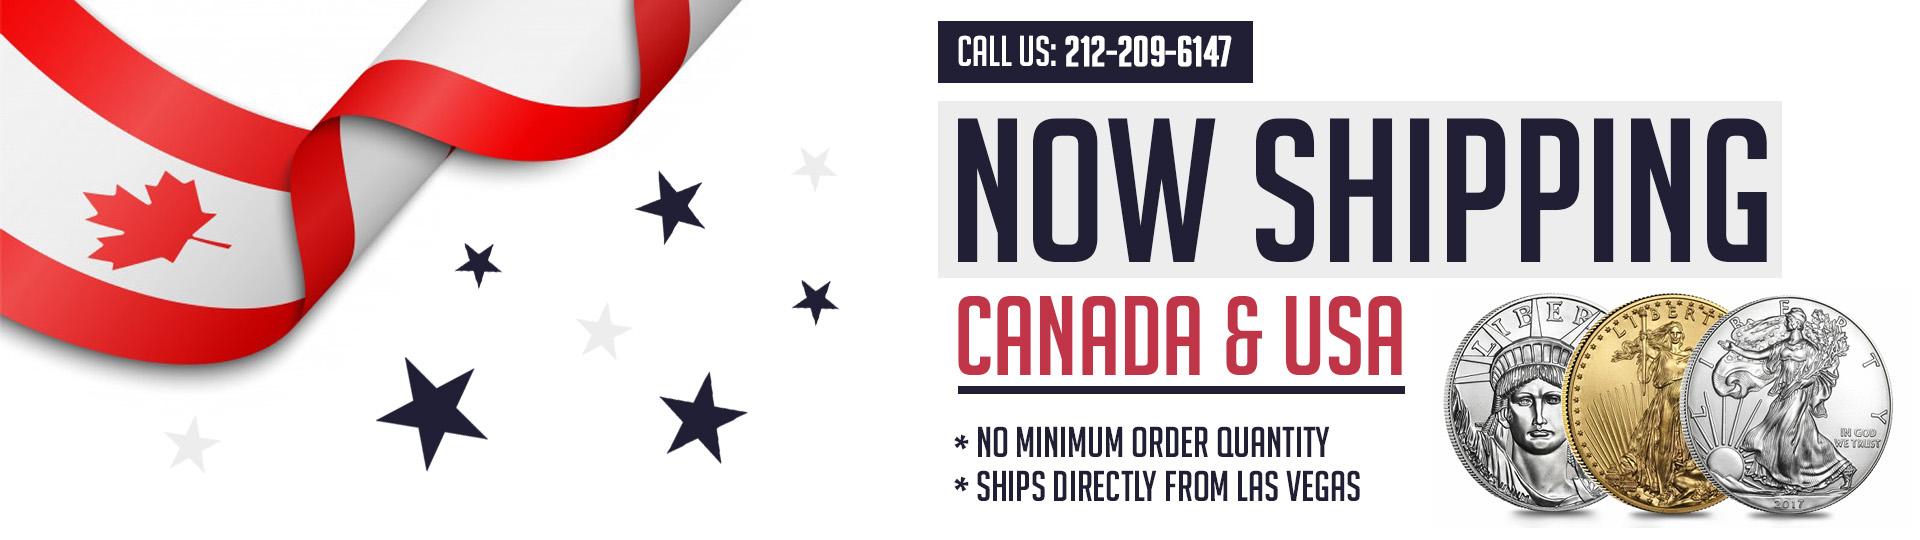 canada-usa-shipping-banner122.jpg